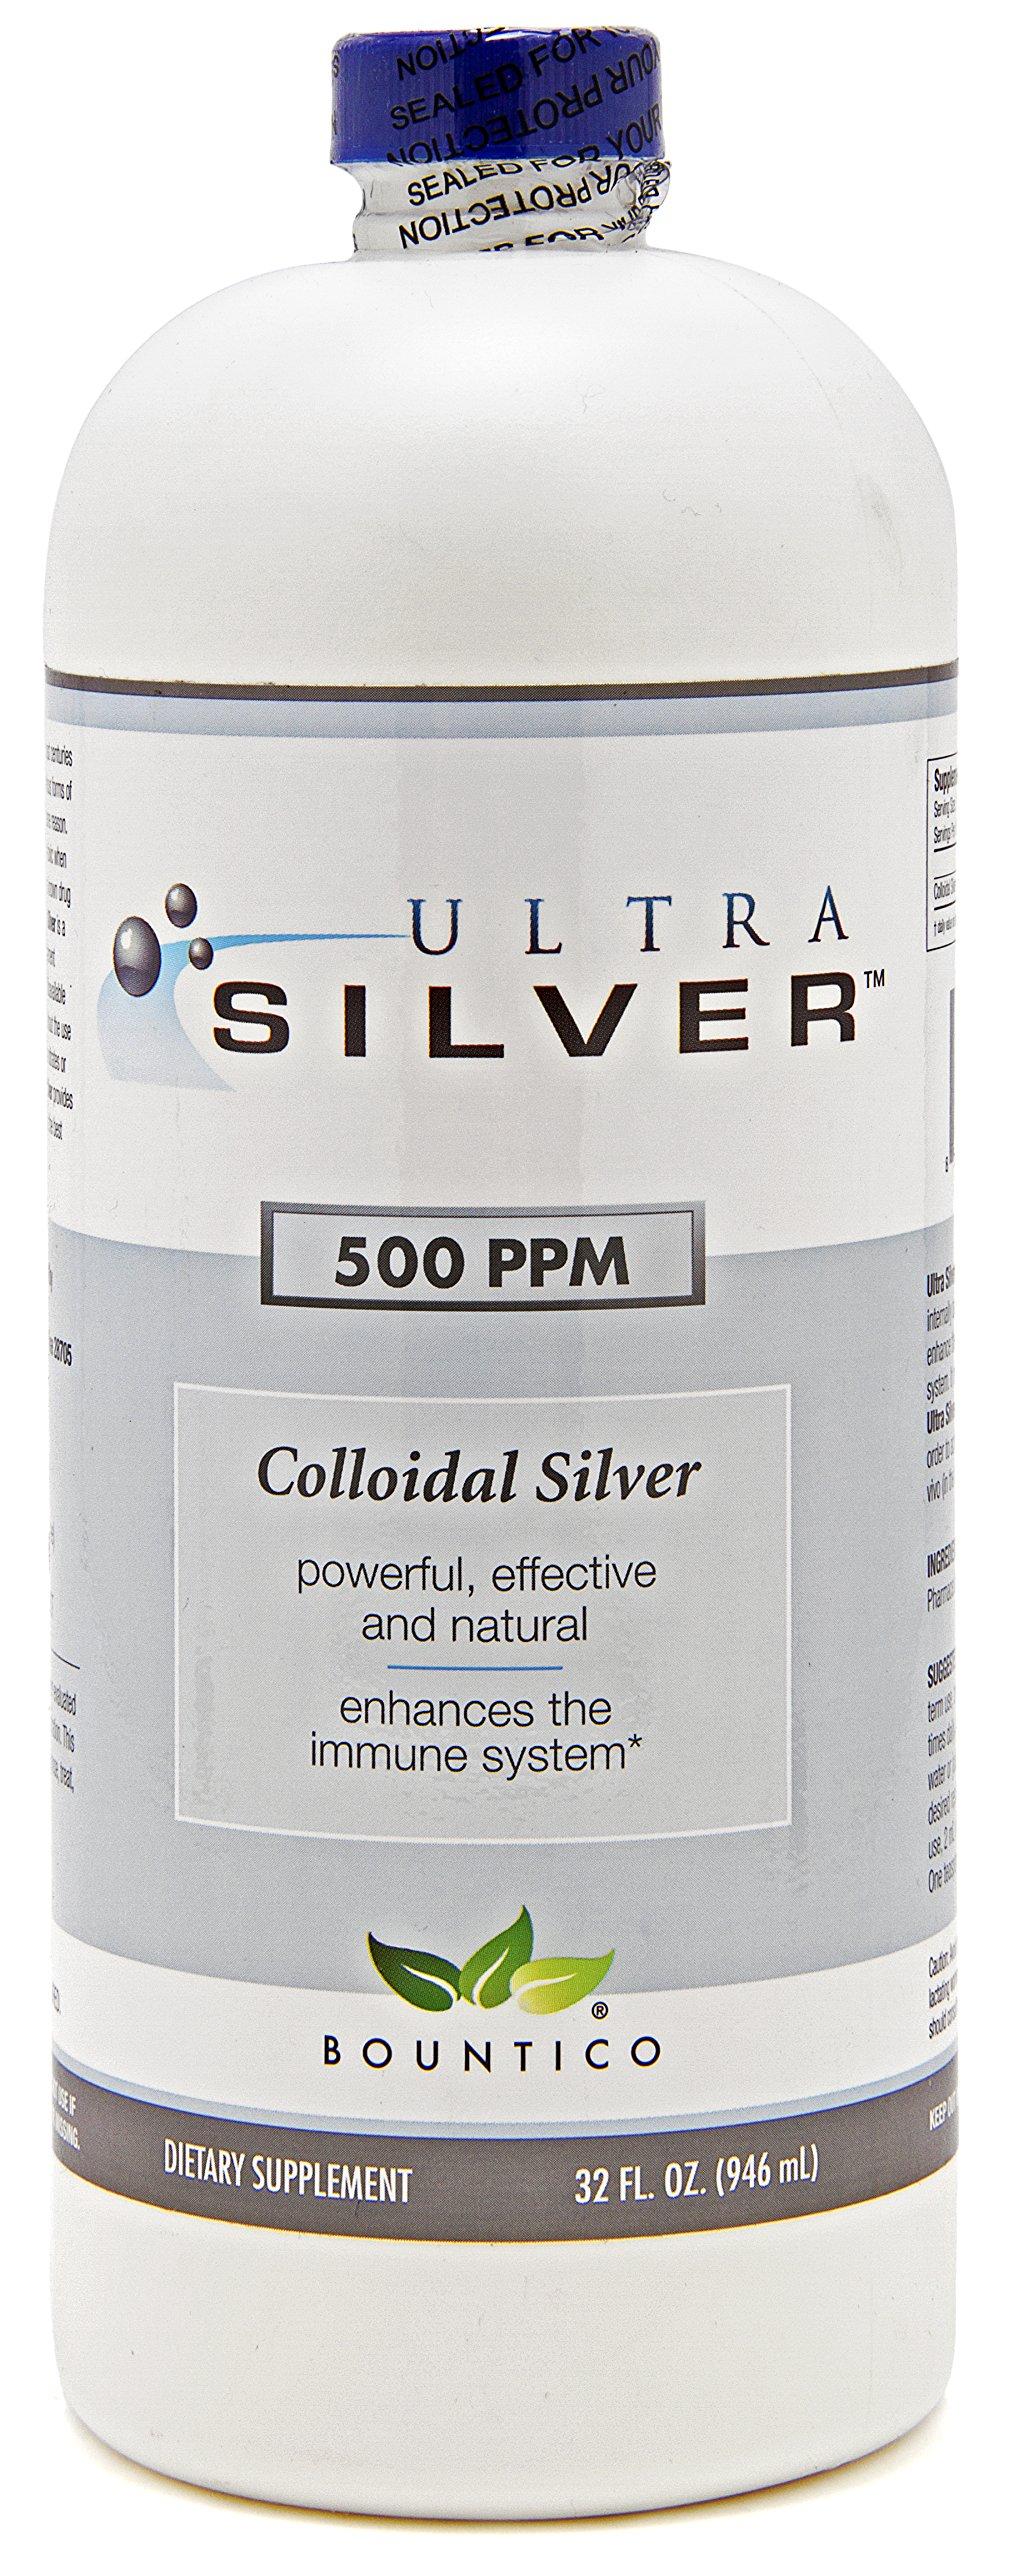 Ultra Silver Colloidal Silver 500 PPM - 32 Oz